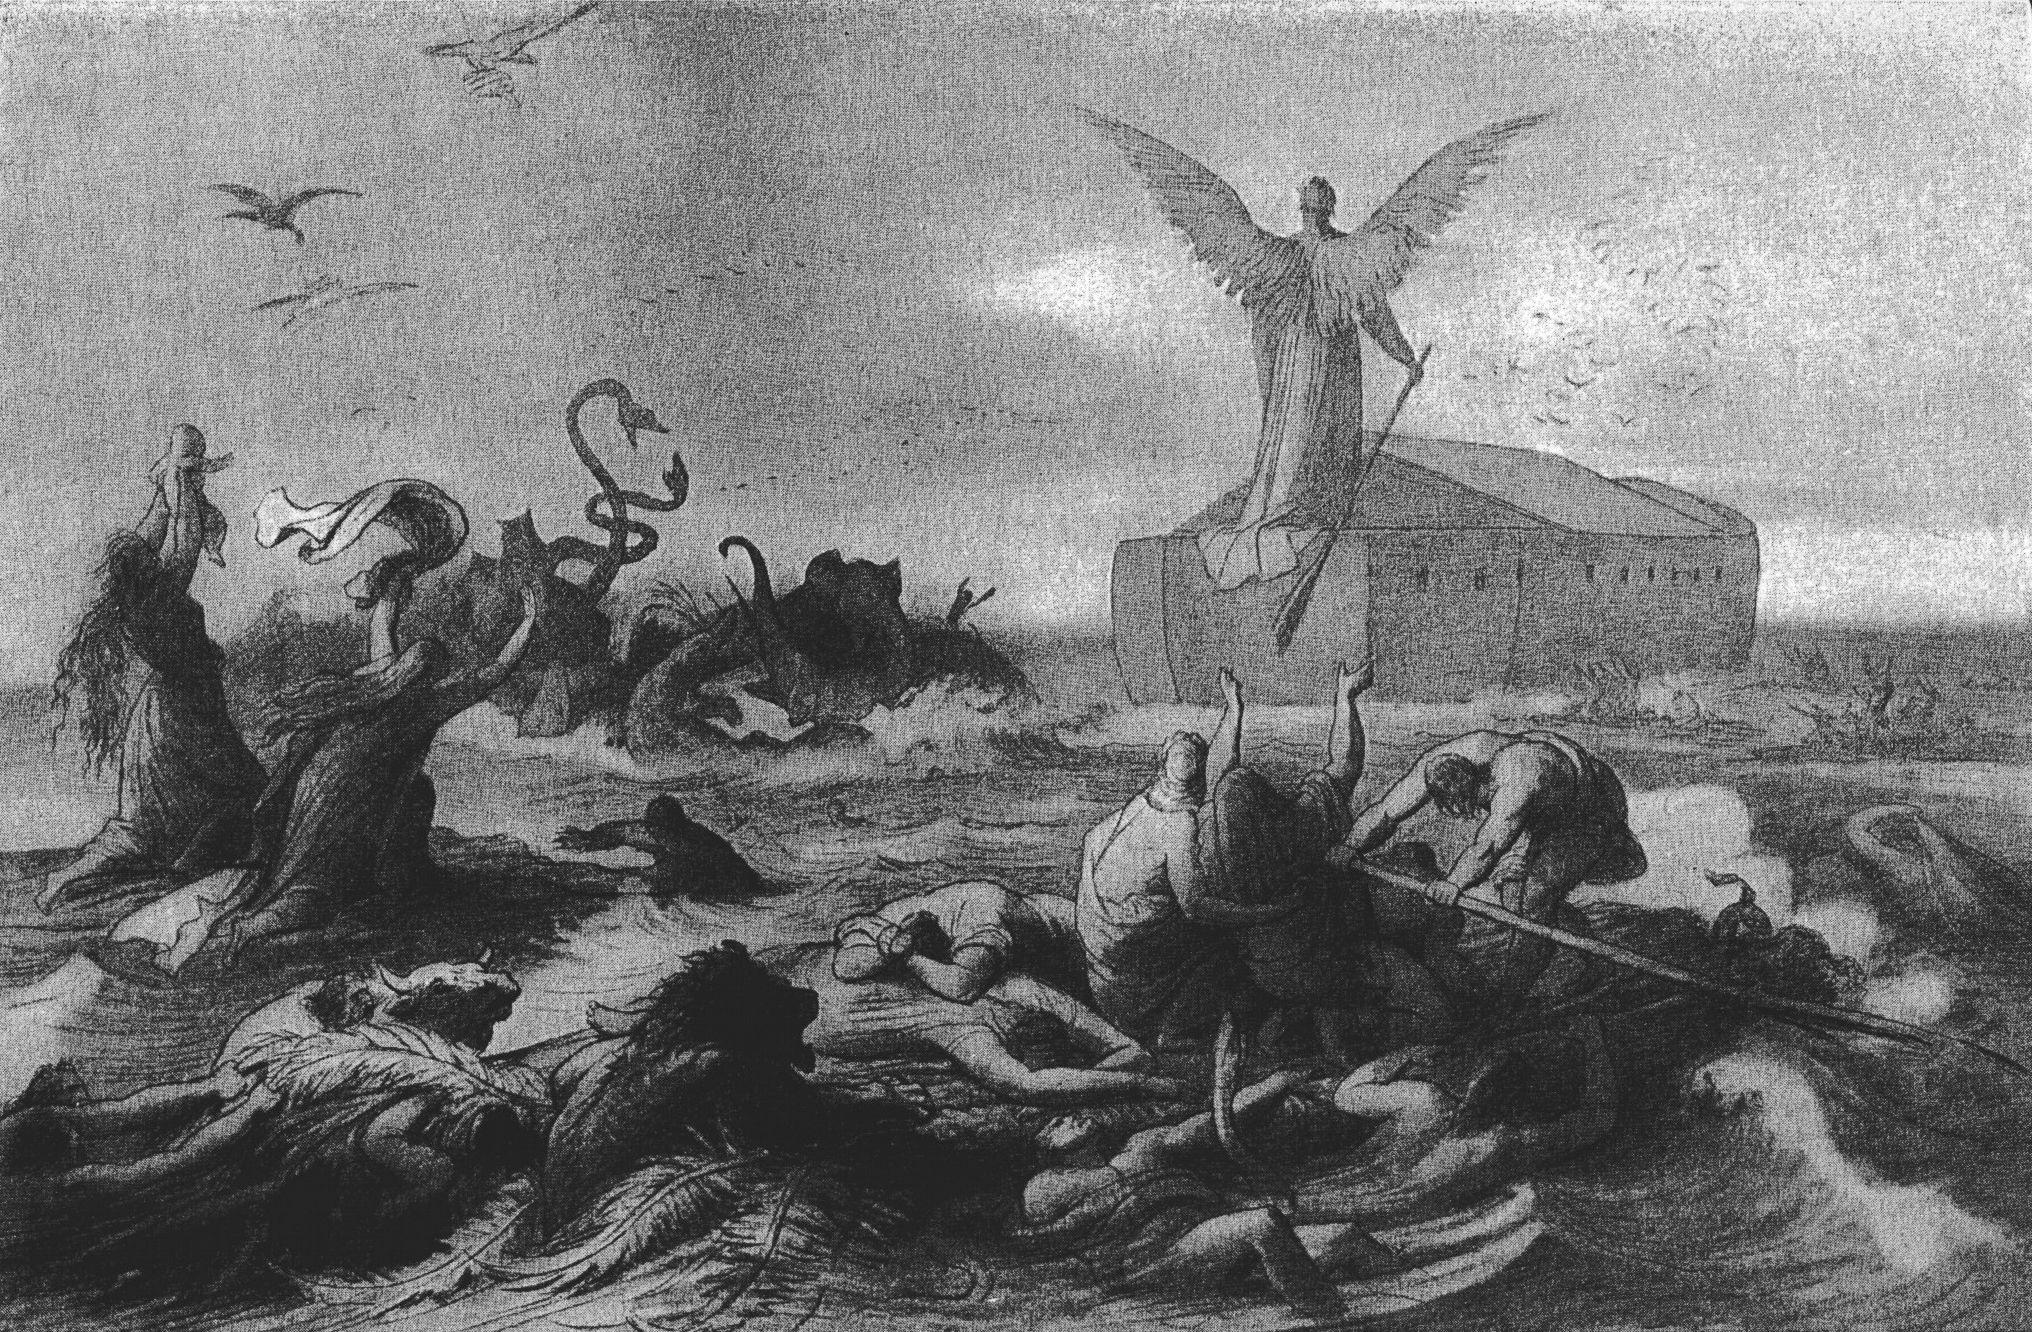 nefilim, nephilim